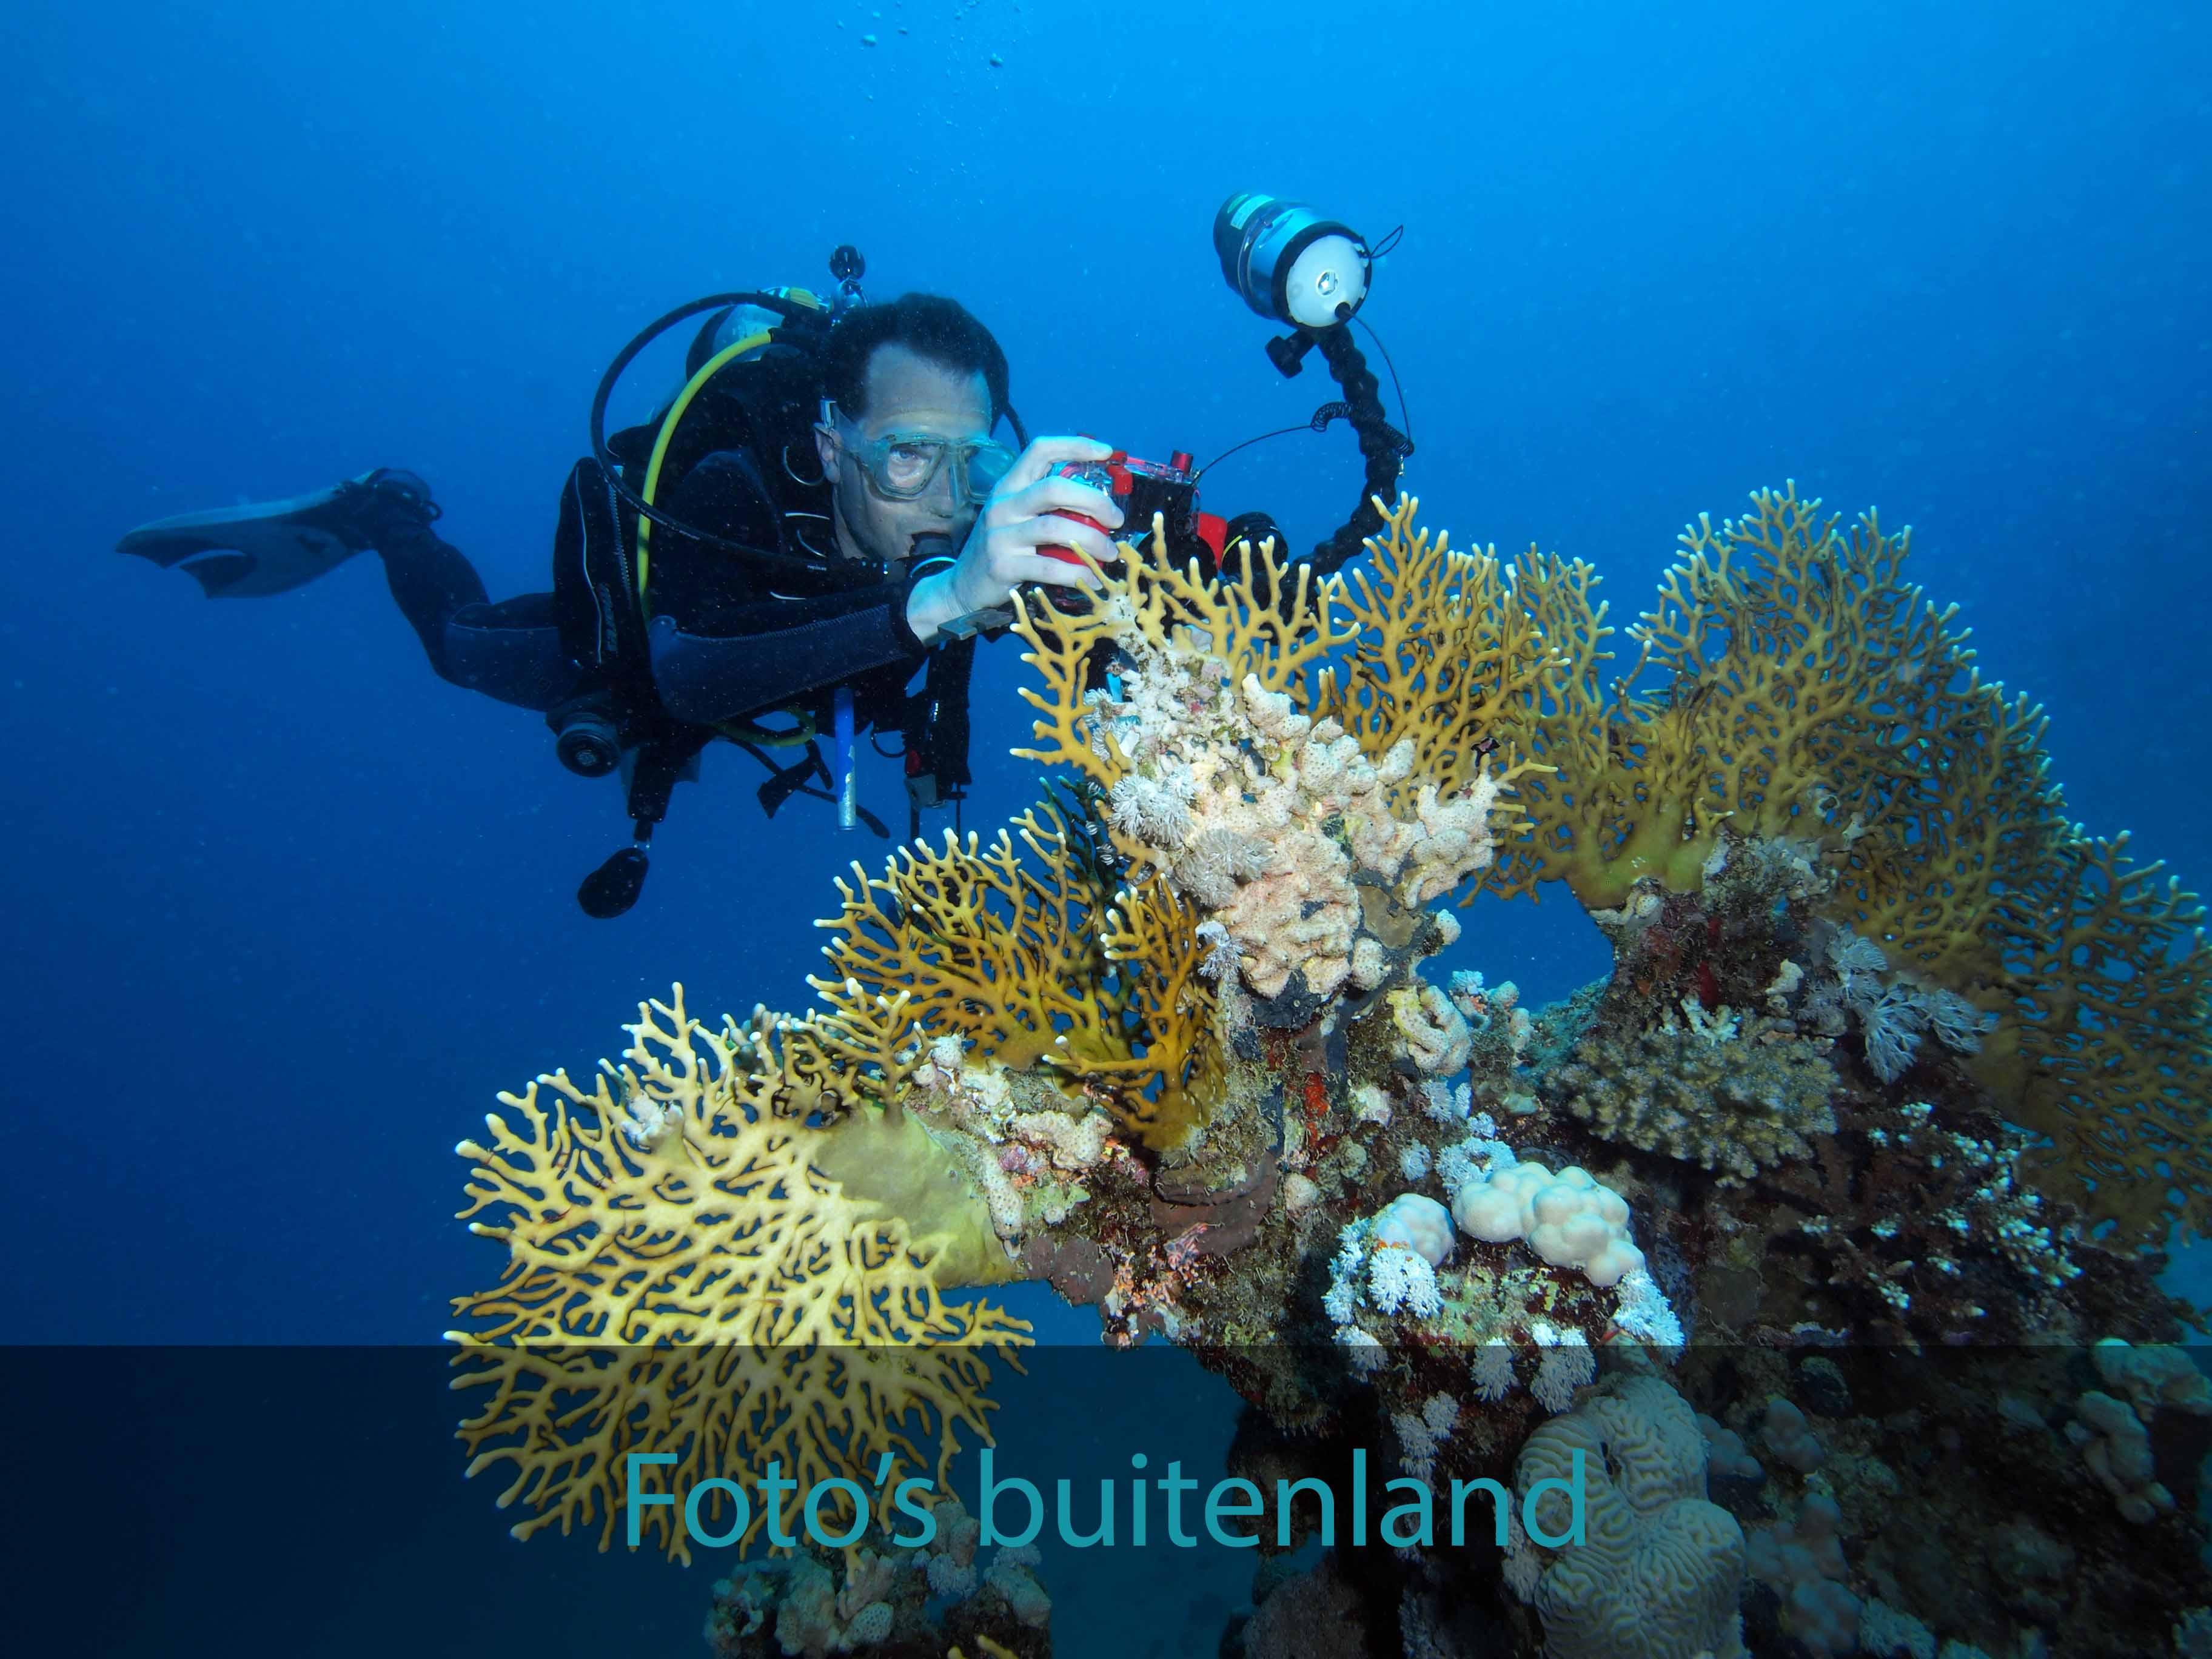 Foto's buitenland